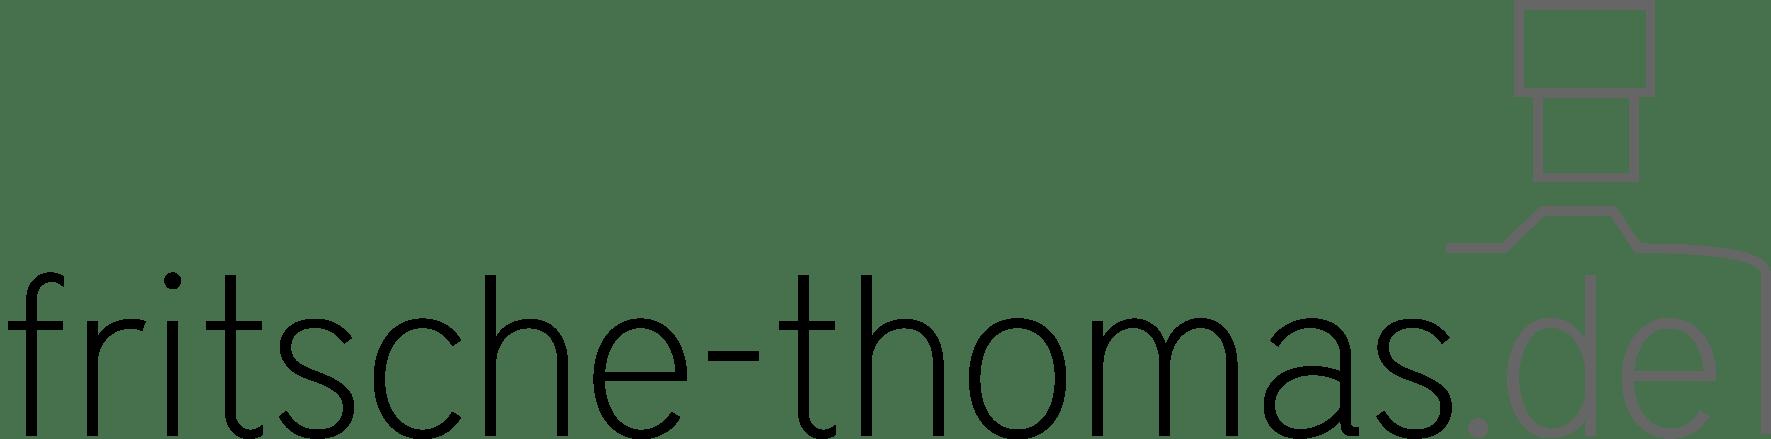 fritsche-thomas.de